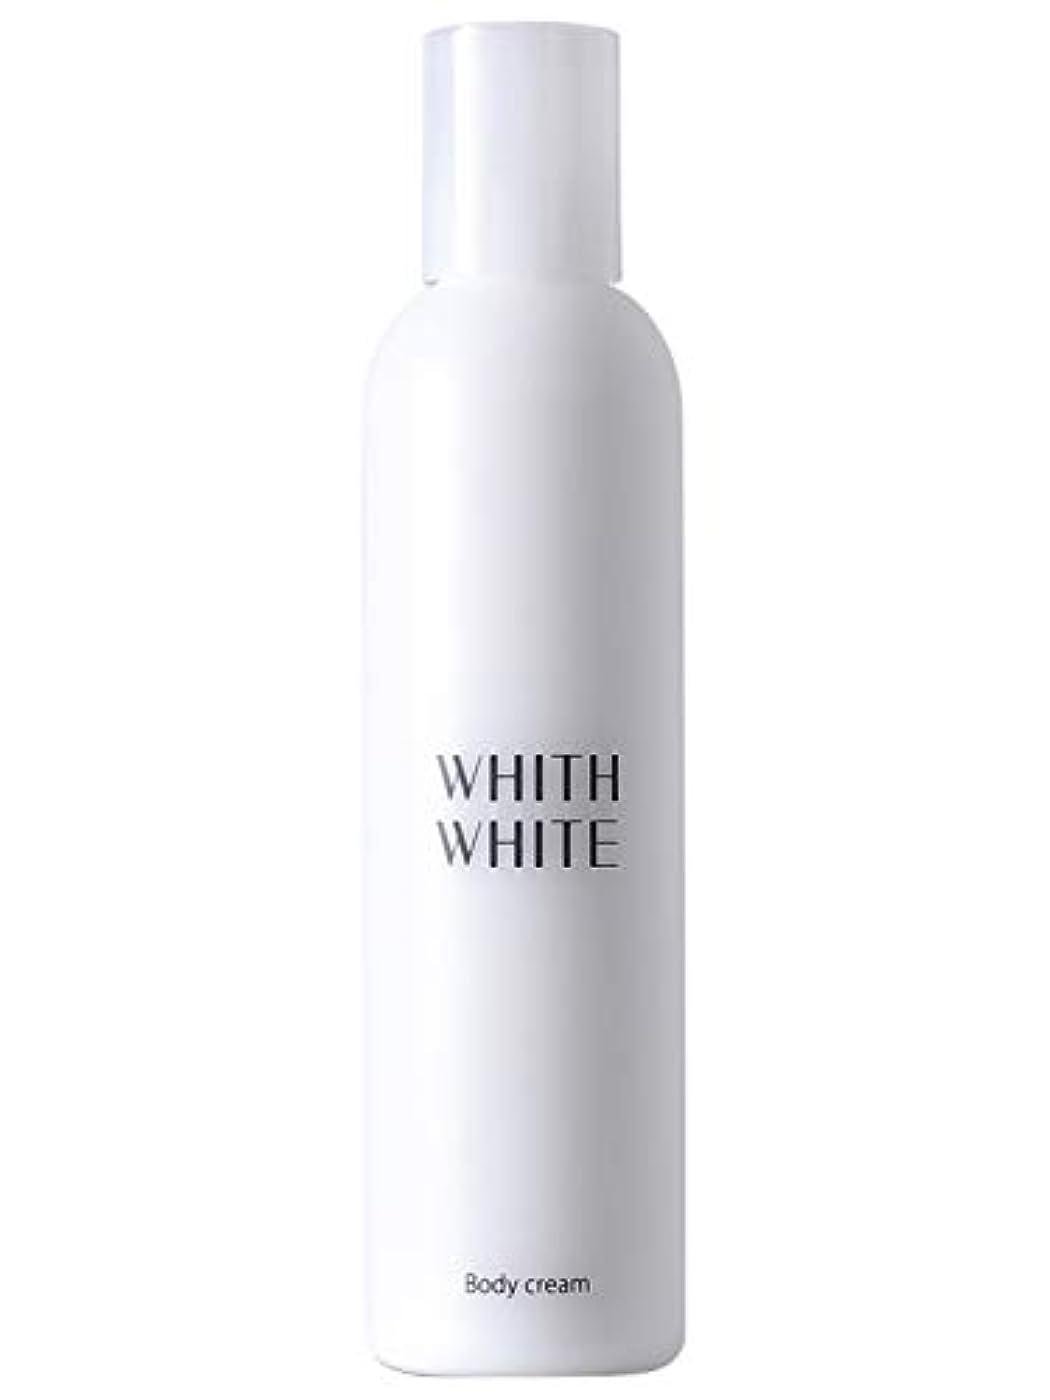 推定する電話に出る誠実フィス ホワイト 保湿 ボディクリーム 「顔 かかと 全身 乾燥肌 しみ くすみ 用 エモリエント 保湿クリーム 」200g